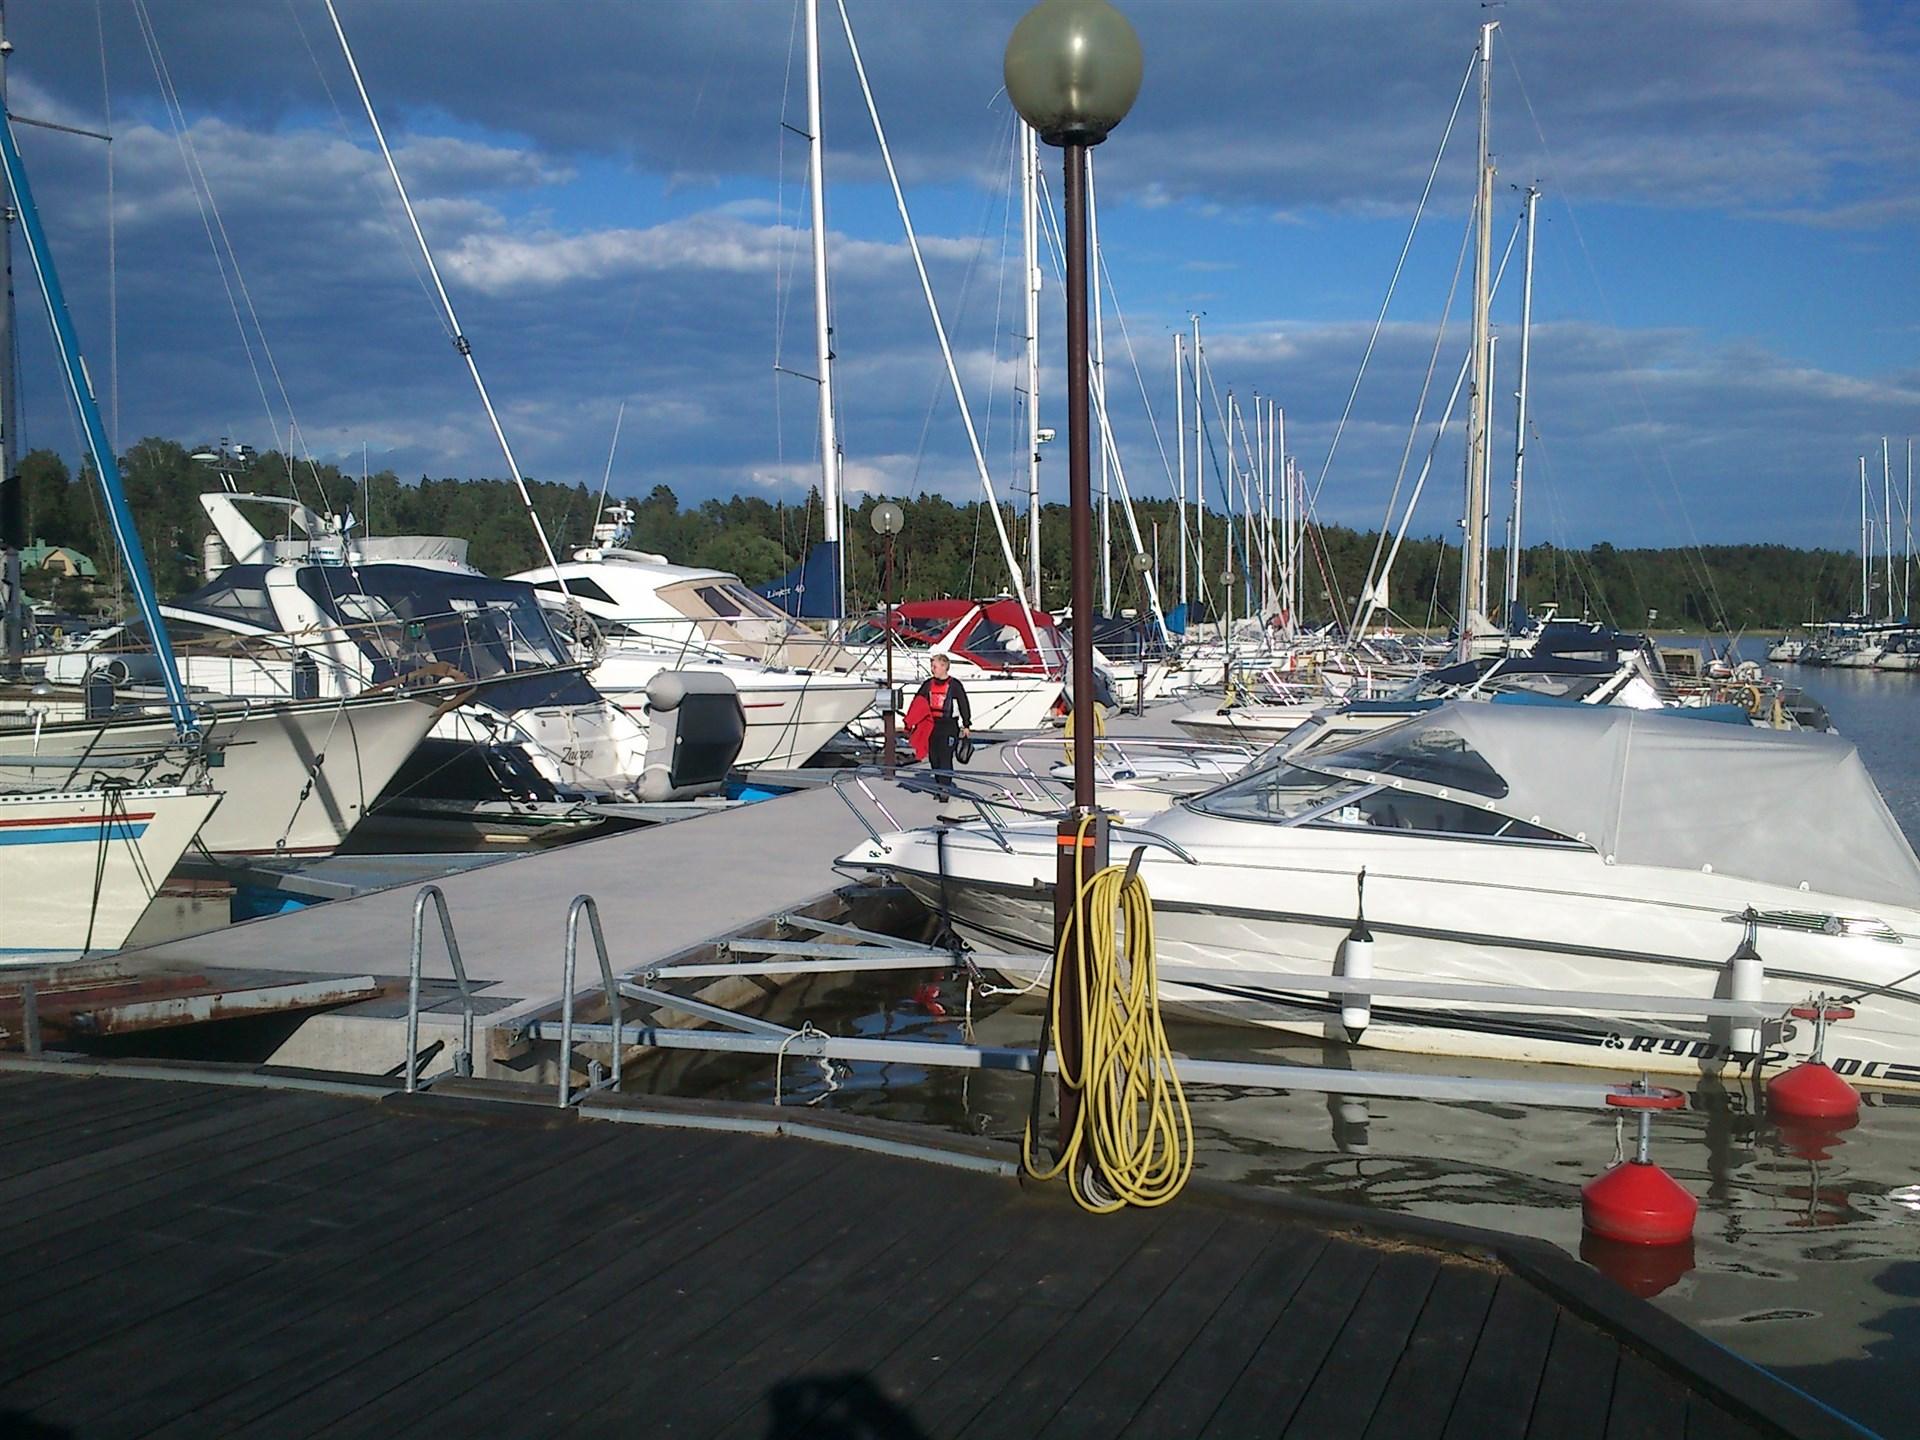 Flertalet båtklubbar i närområdet. Här bild från Klubbholmen.